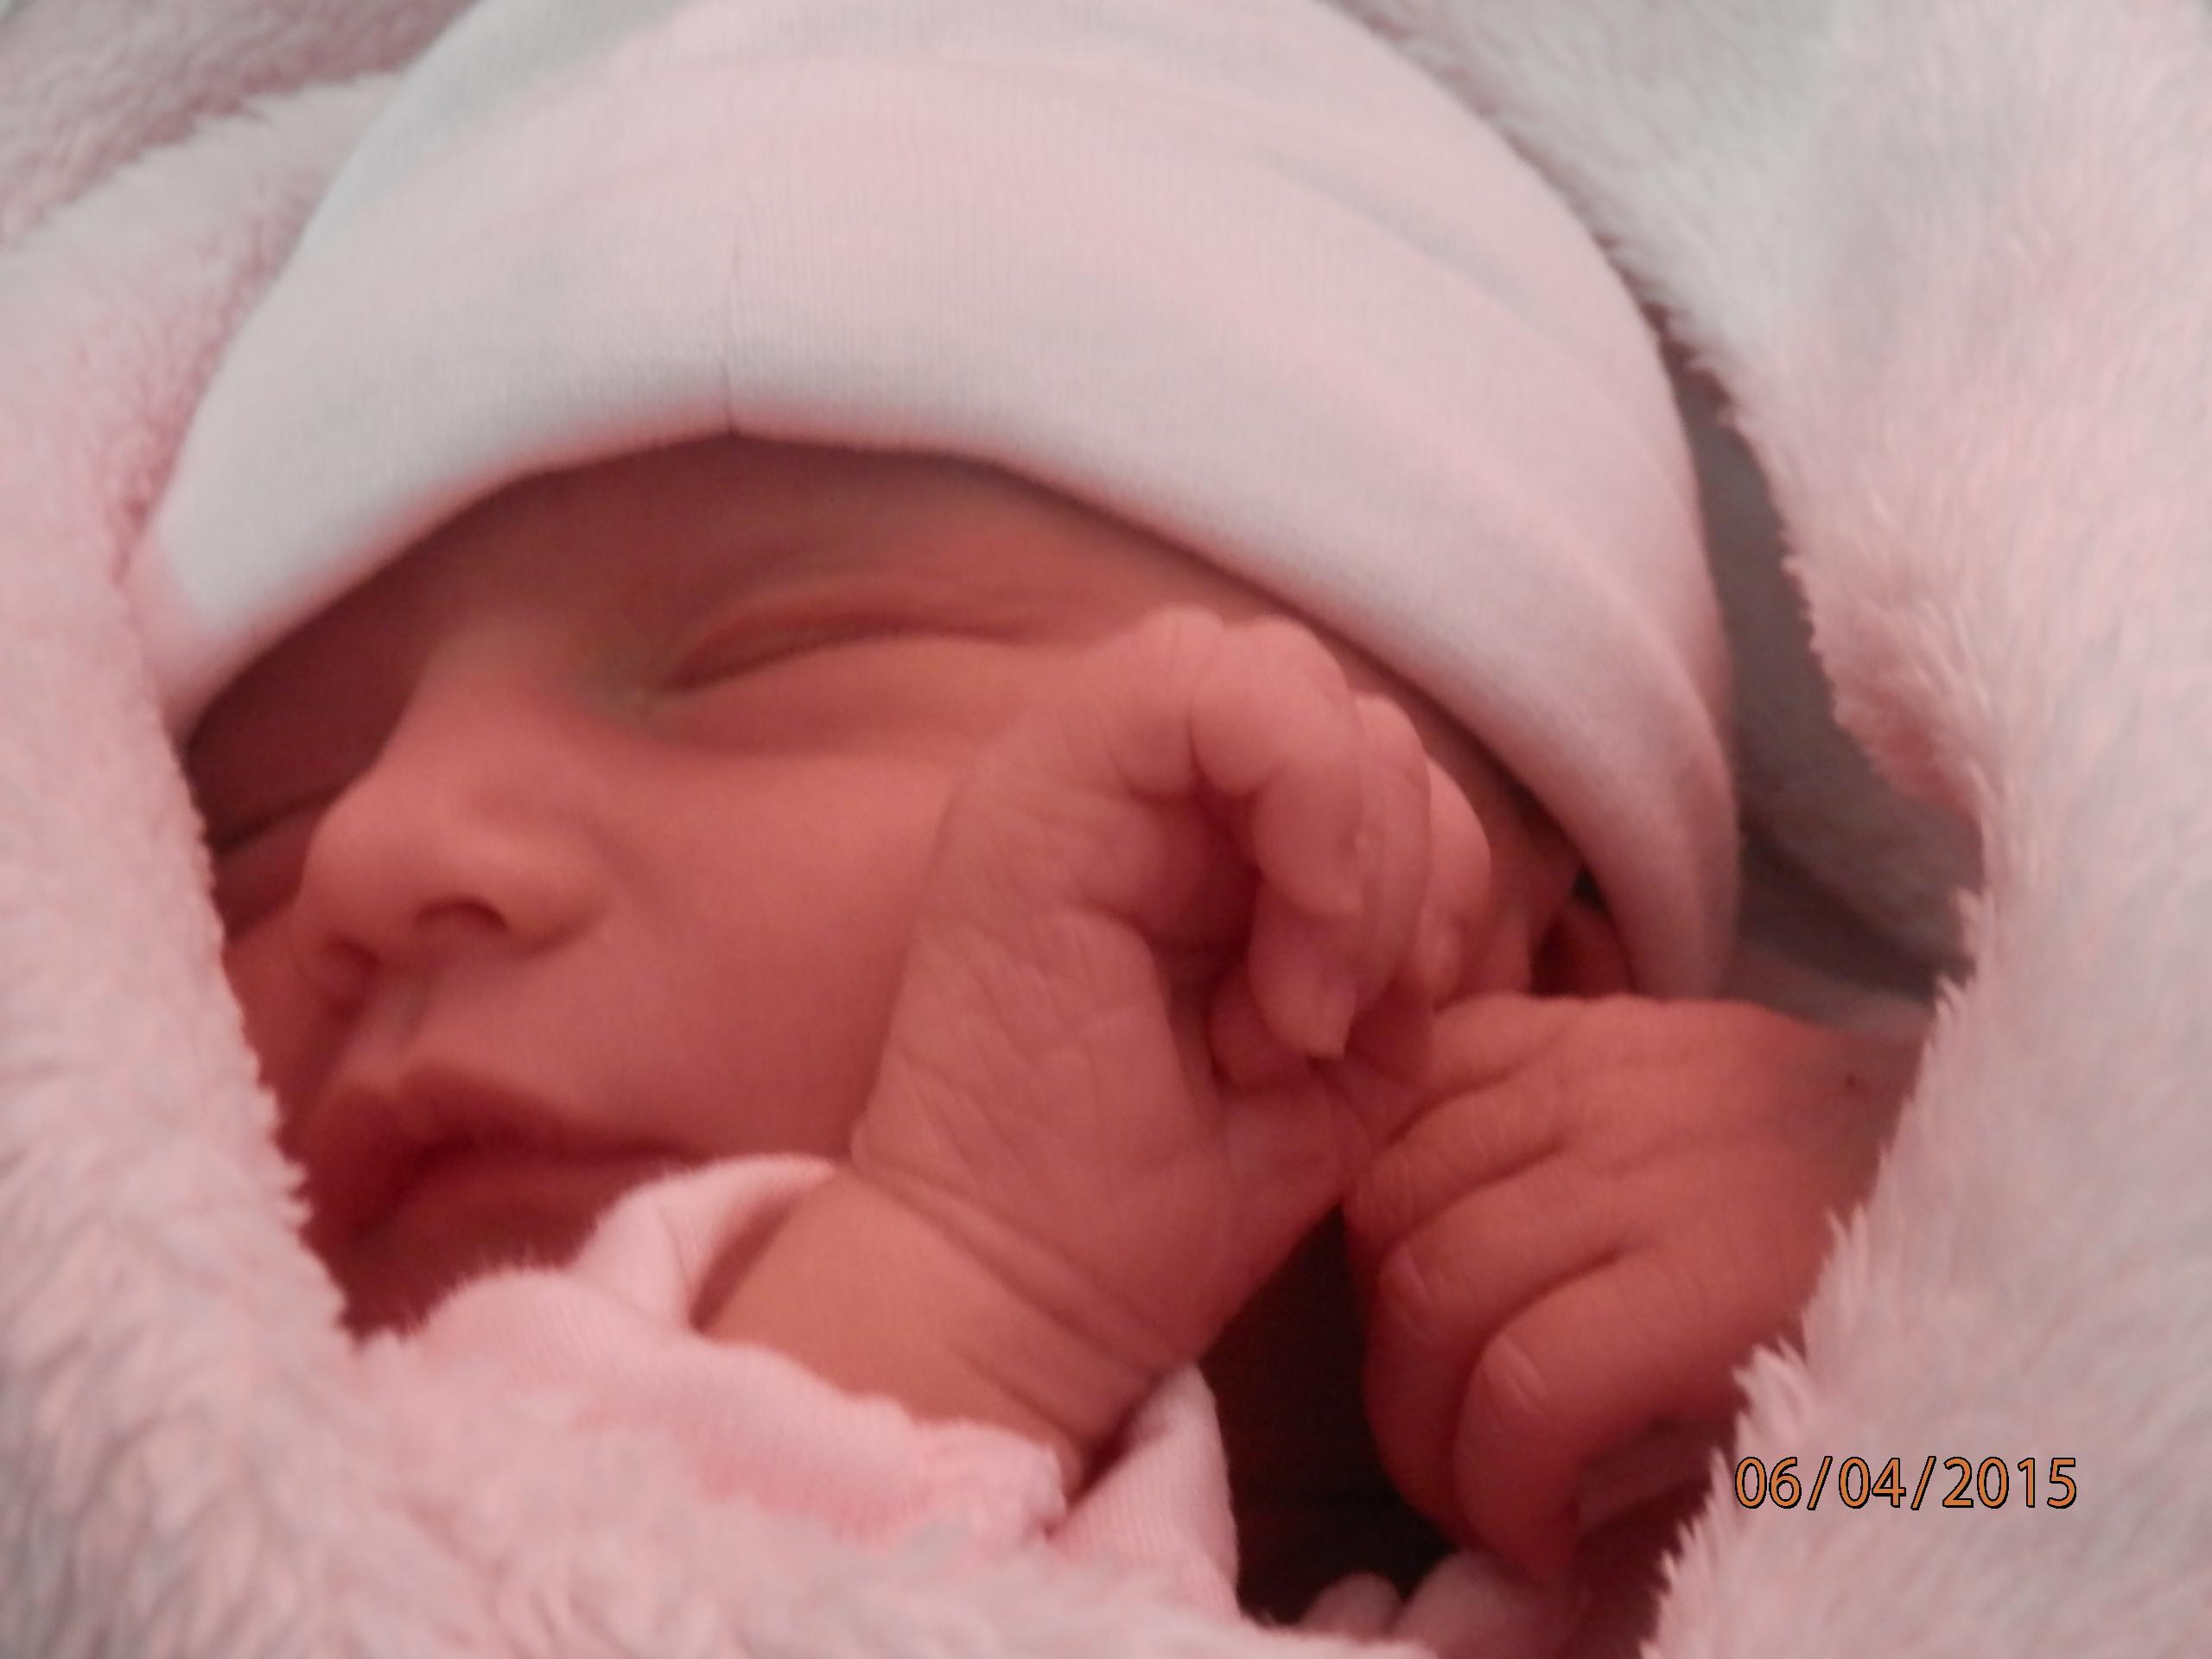 Meï-Lyne, née le 4 avril 2015